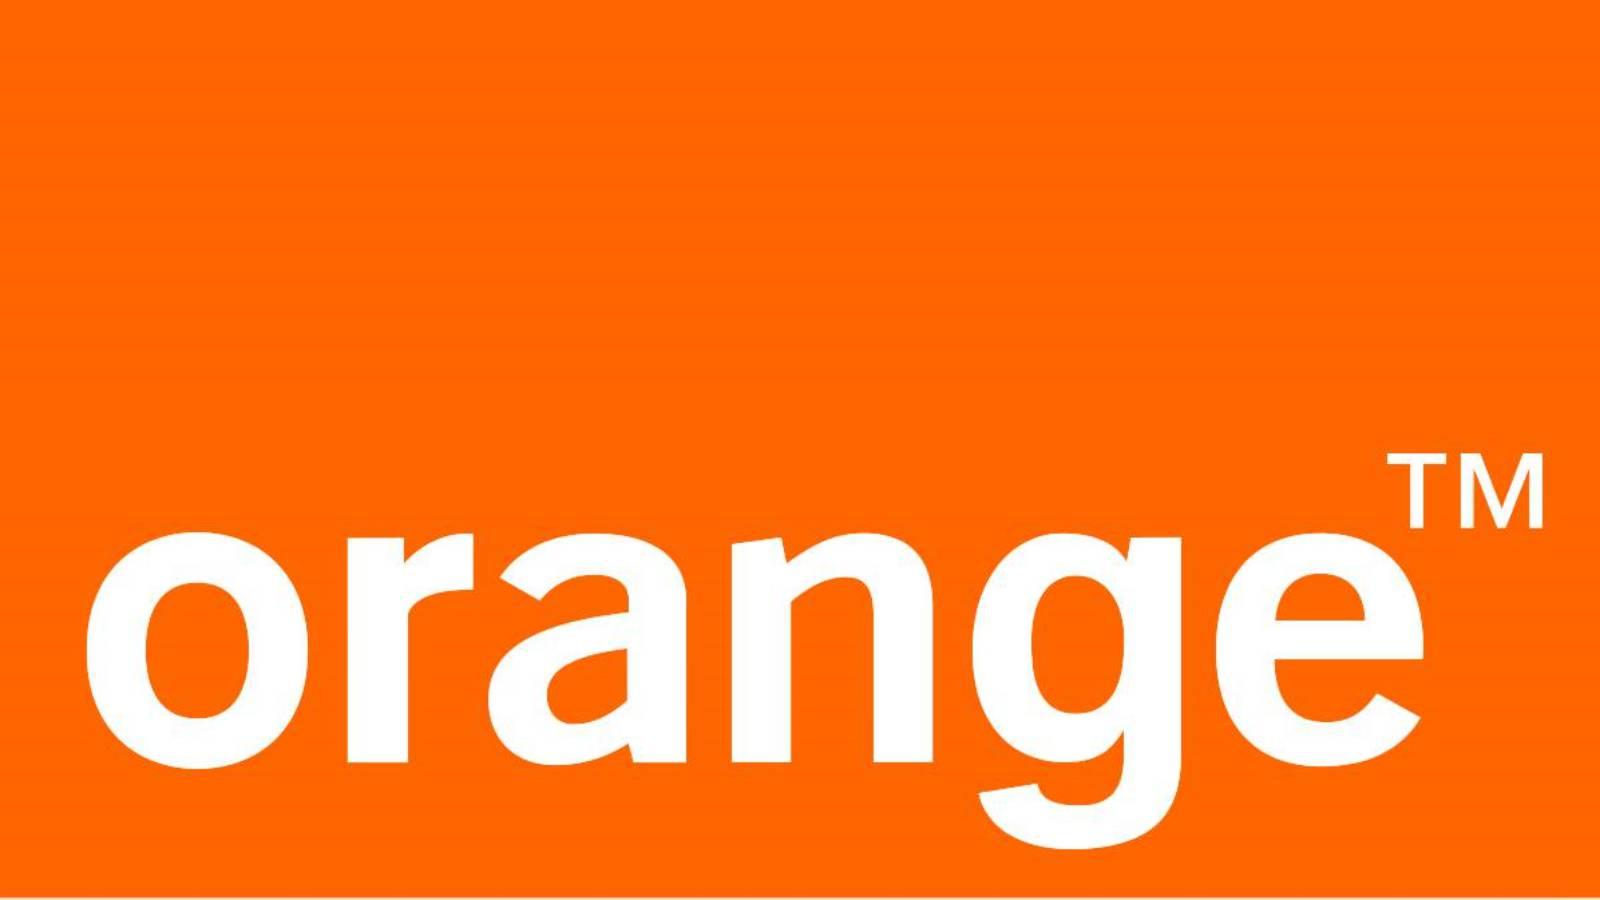 Orange coronavirus